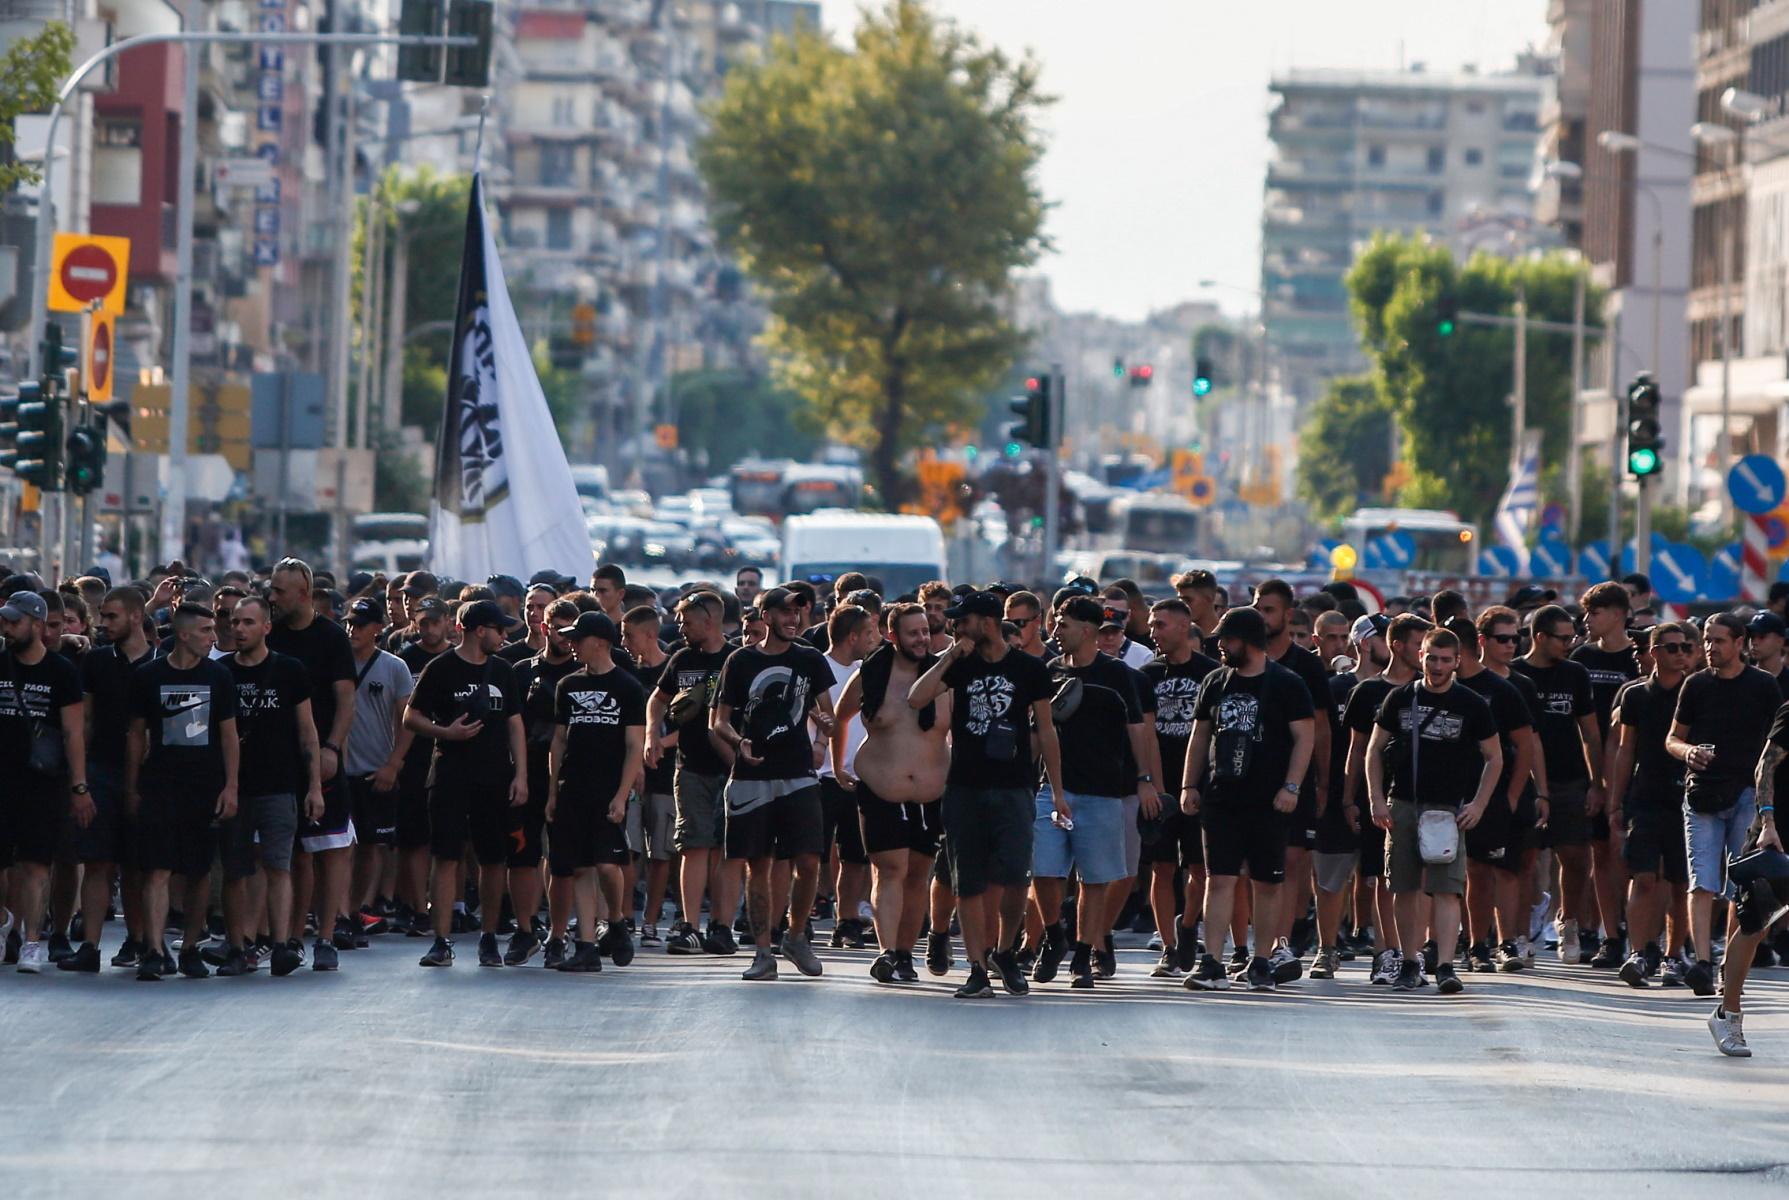 ΠΑΟΚ: Πορεία διαμαρτυρίας των οπαδών για διαχωρισμούς και αθλητικό νόμο